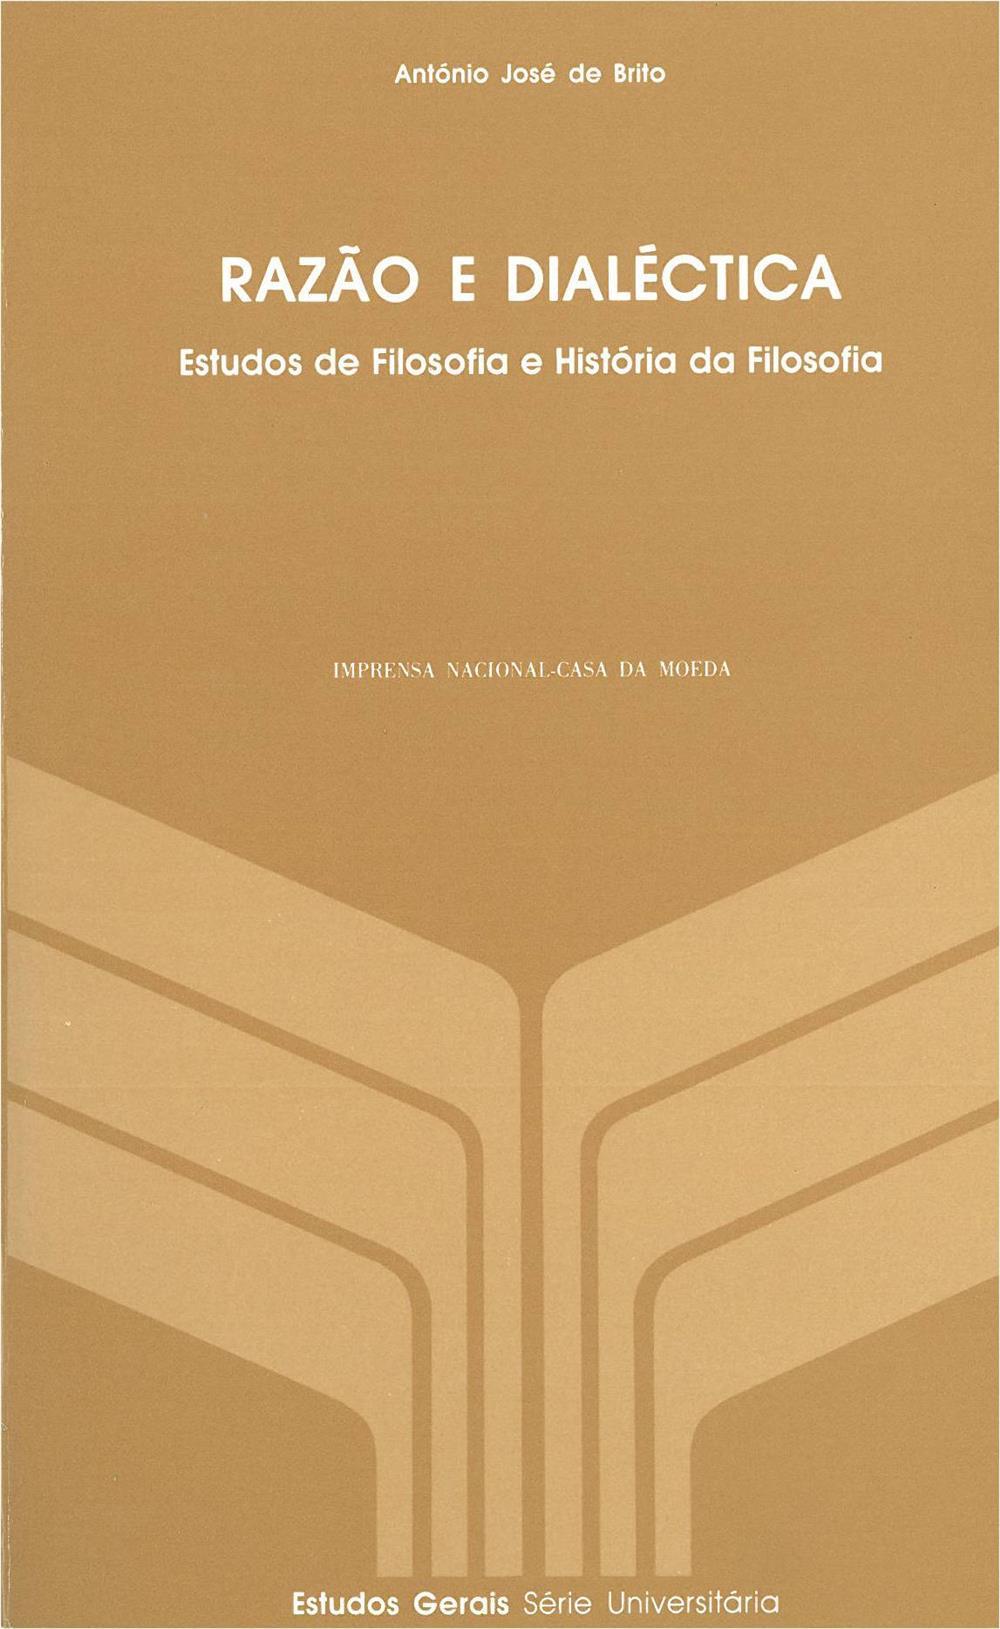 Razão e dialéctica_.jpg